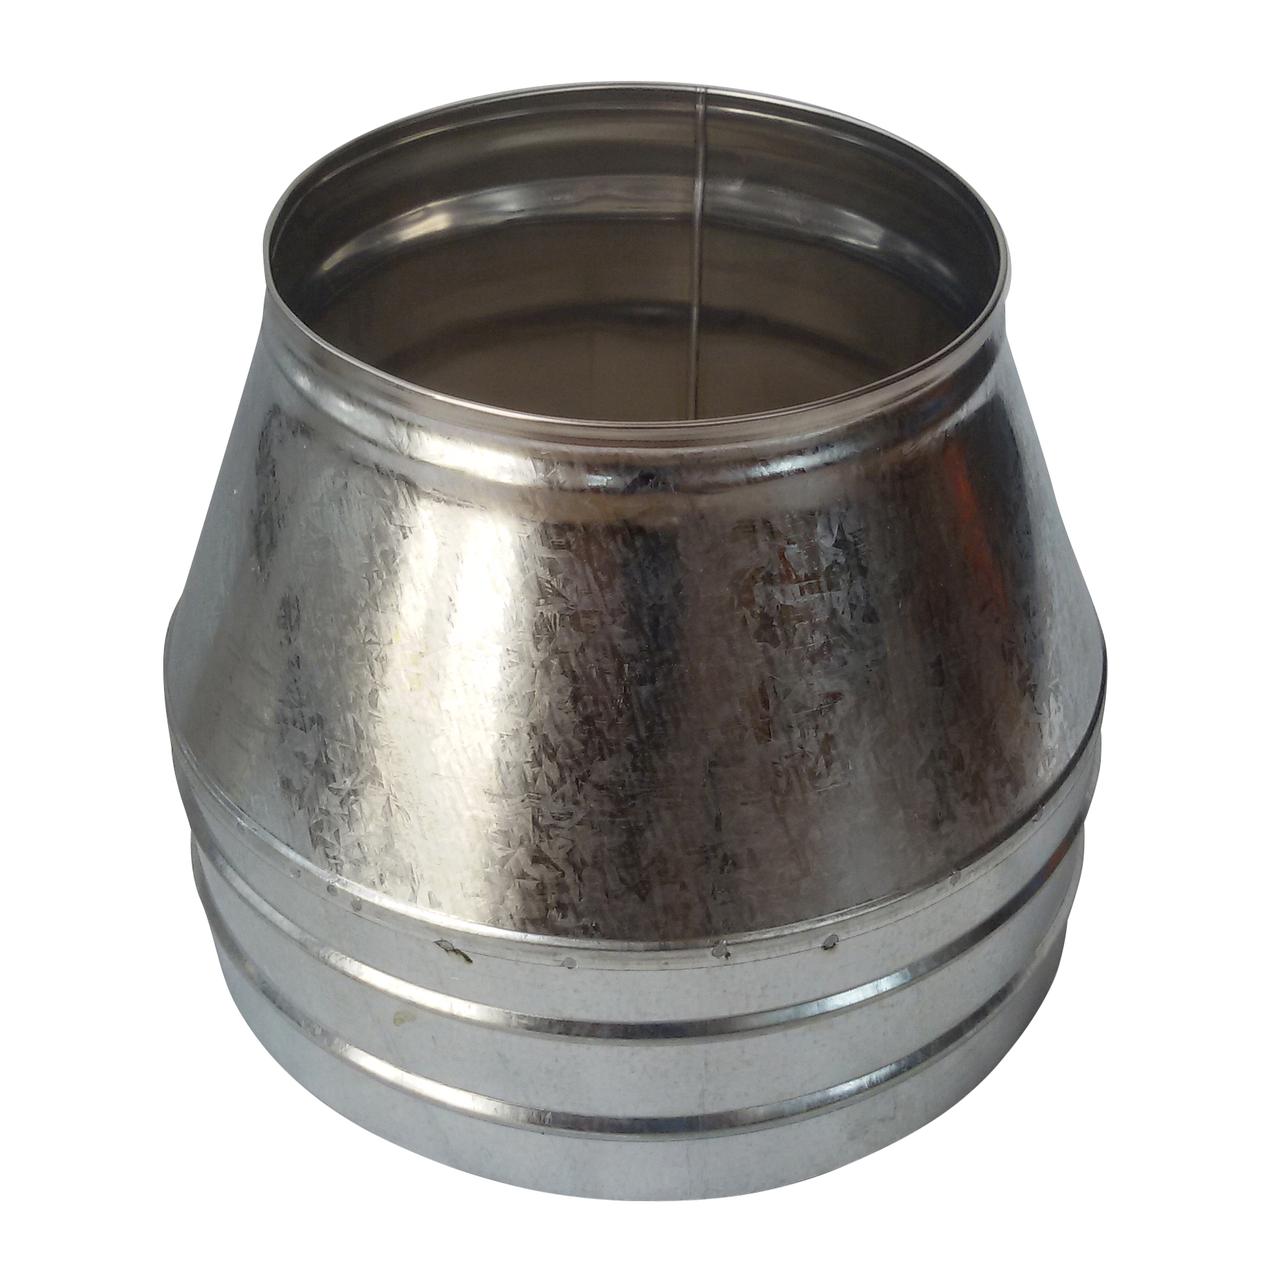 Конус-сендвіч ø220 мм 0,5 мм AISI 304 нержавійка/оцинковка для димоходу димохідний вентиляції Версія-Люкс